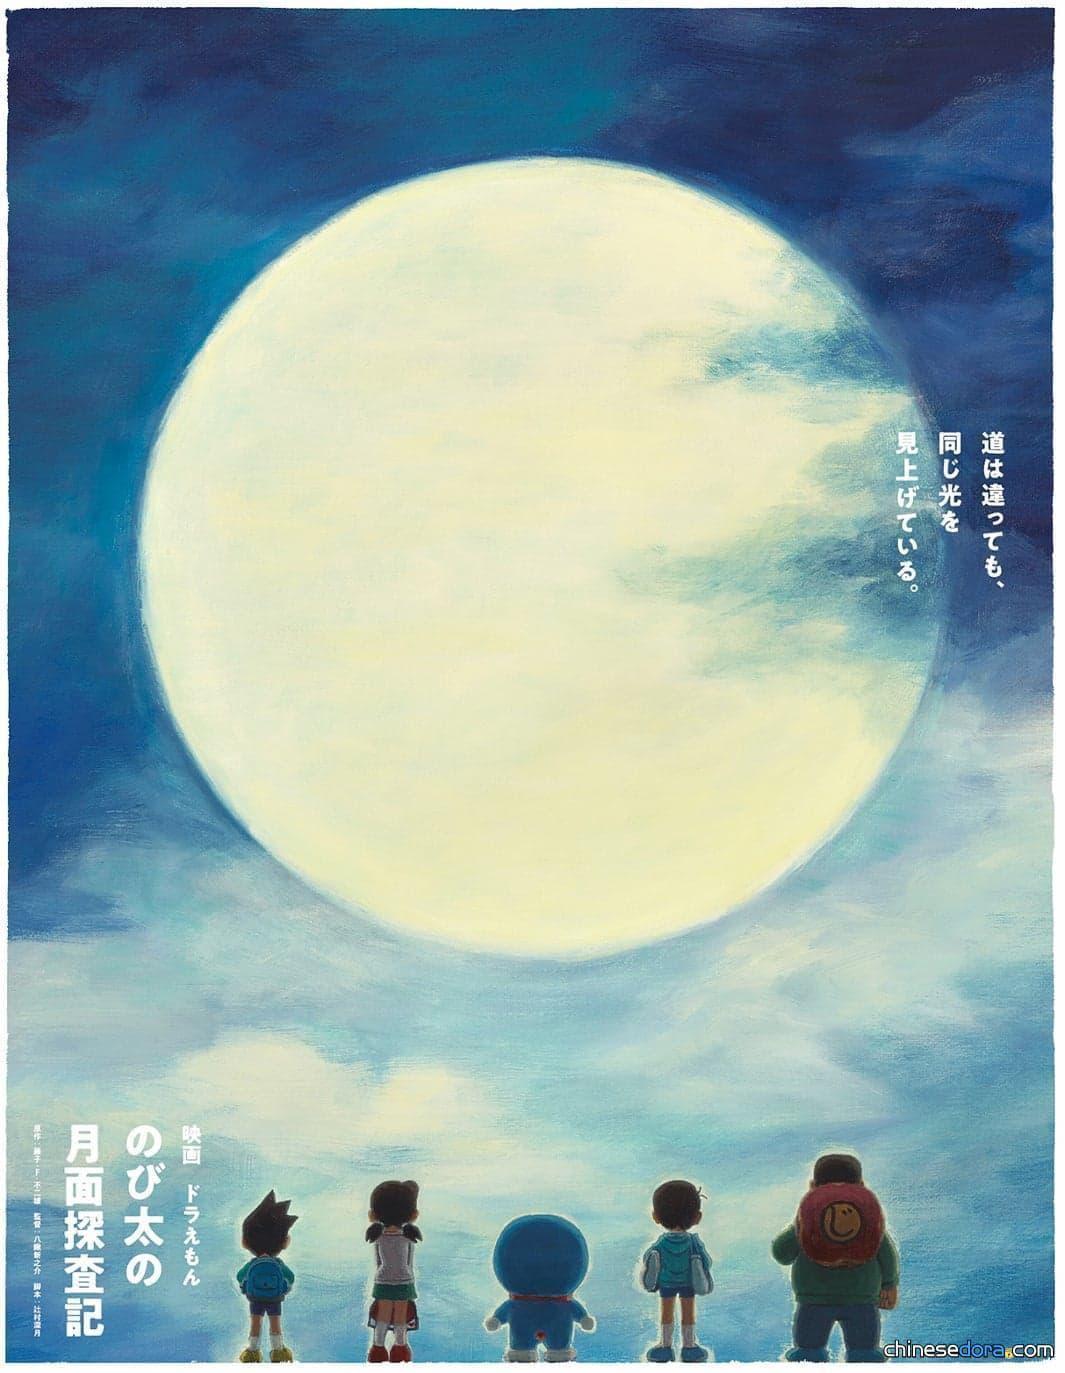 [影評] 《電影哆啦A夢:大雄之月球探測記》:靠想像力創出另一片天